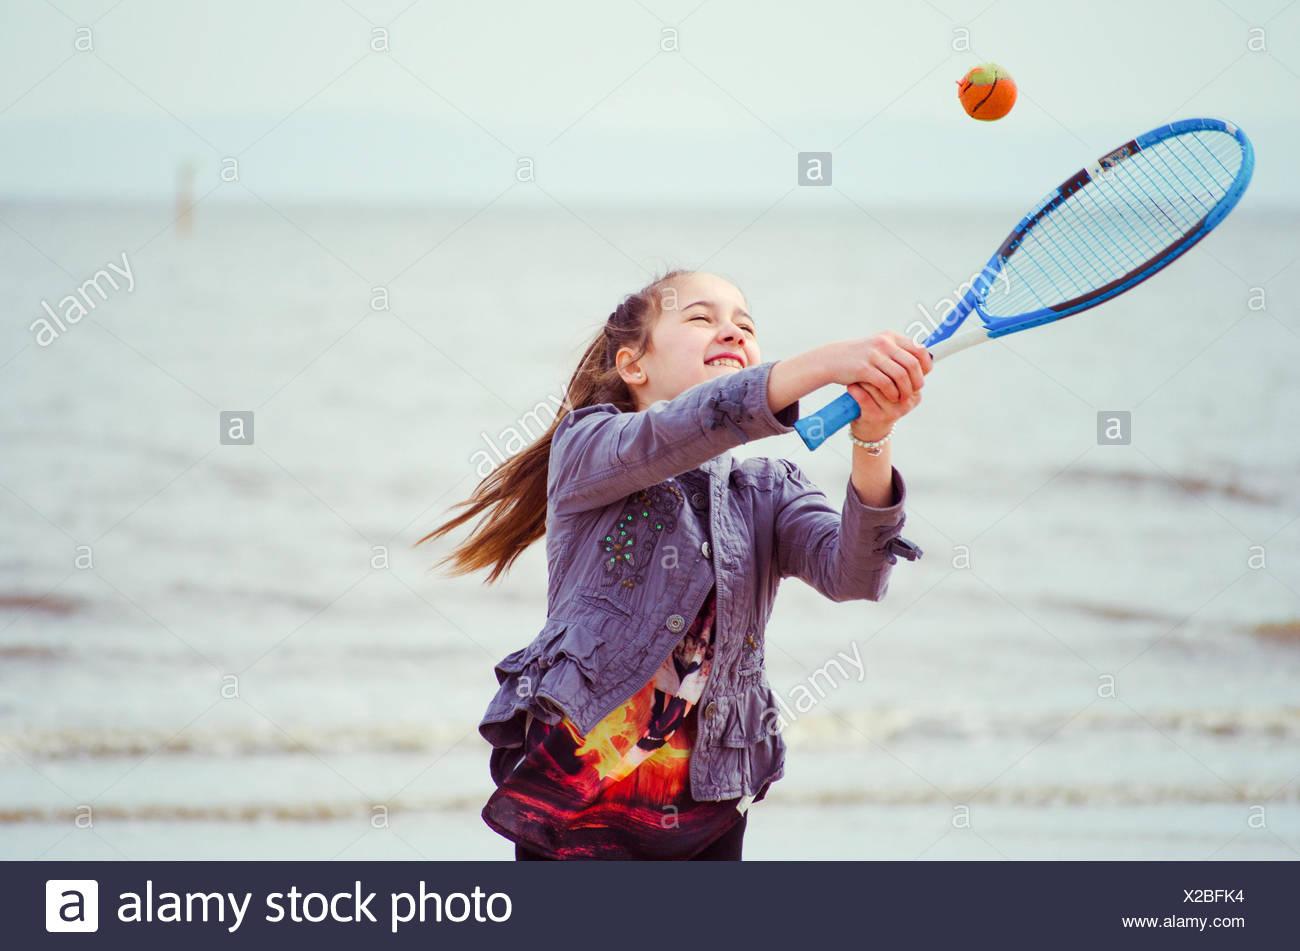 Niña jugando al tenis en la playa Imagen De Stock